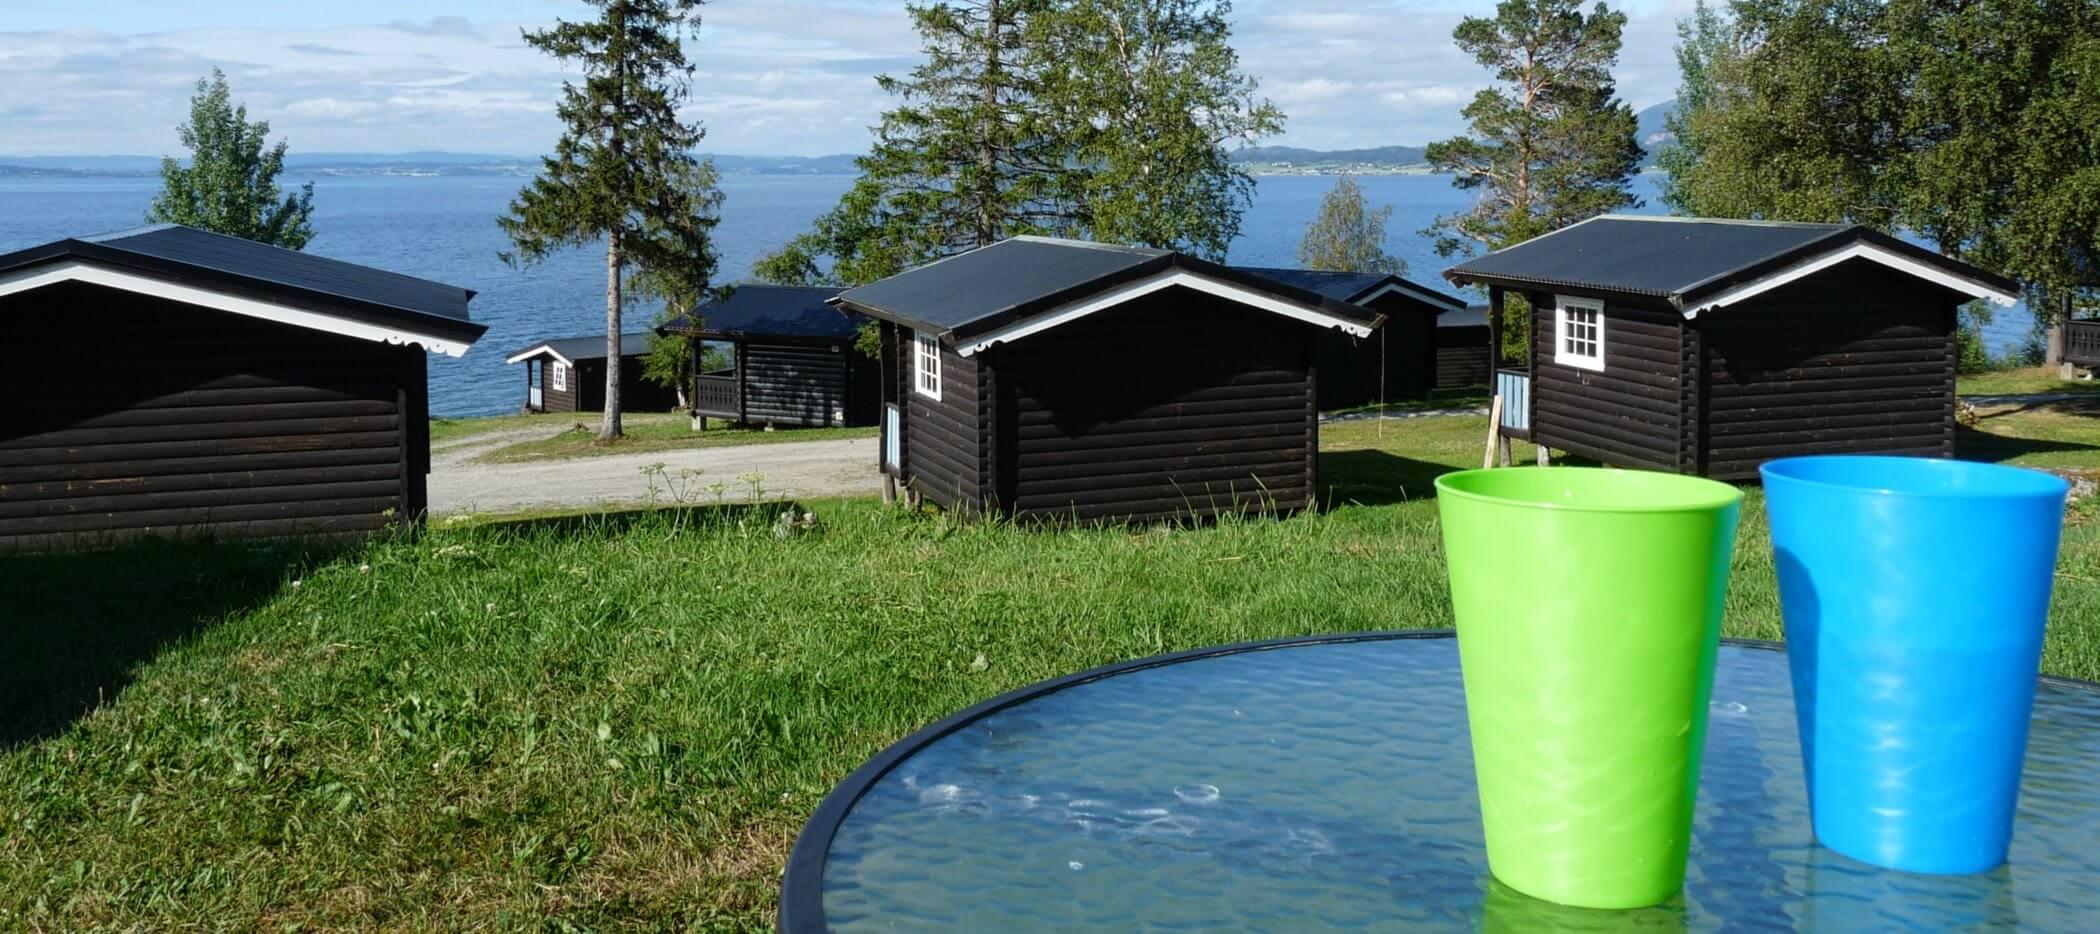 Campingplatz in Norwegen mit Hütten und Plastikbecher im Vordergrund